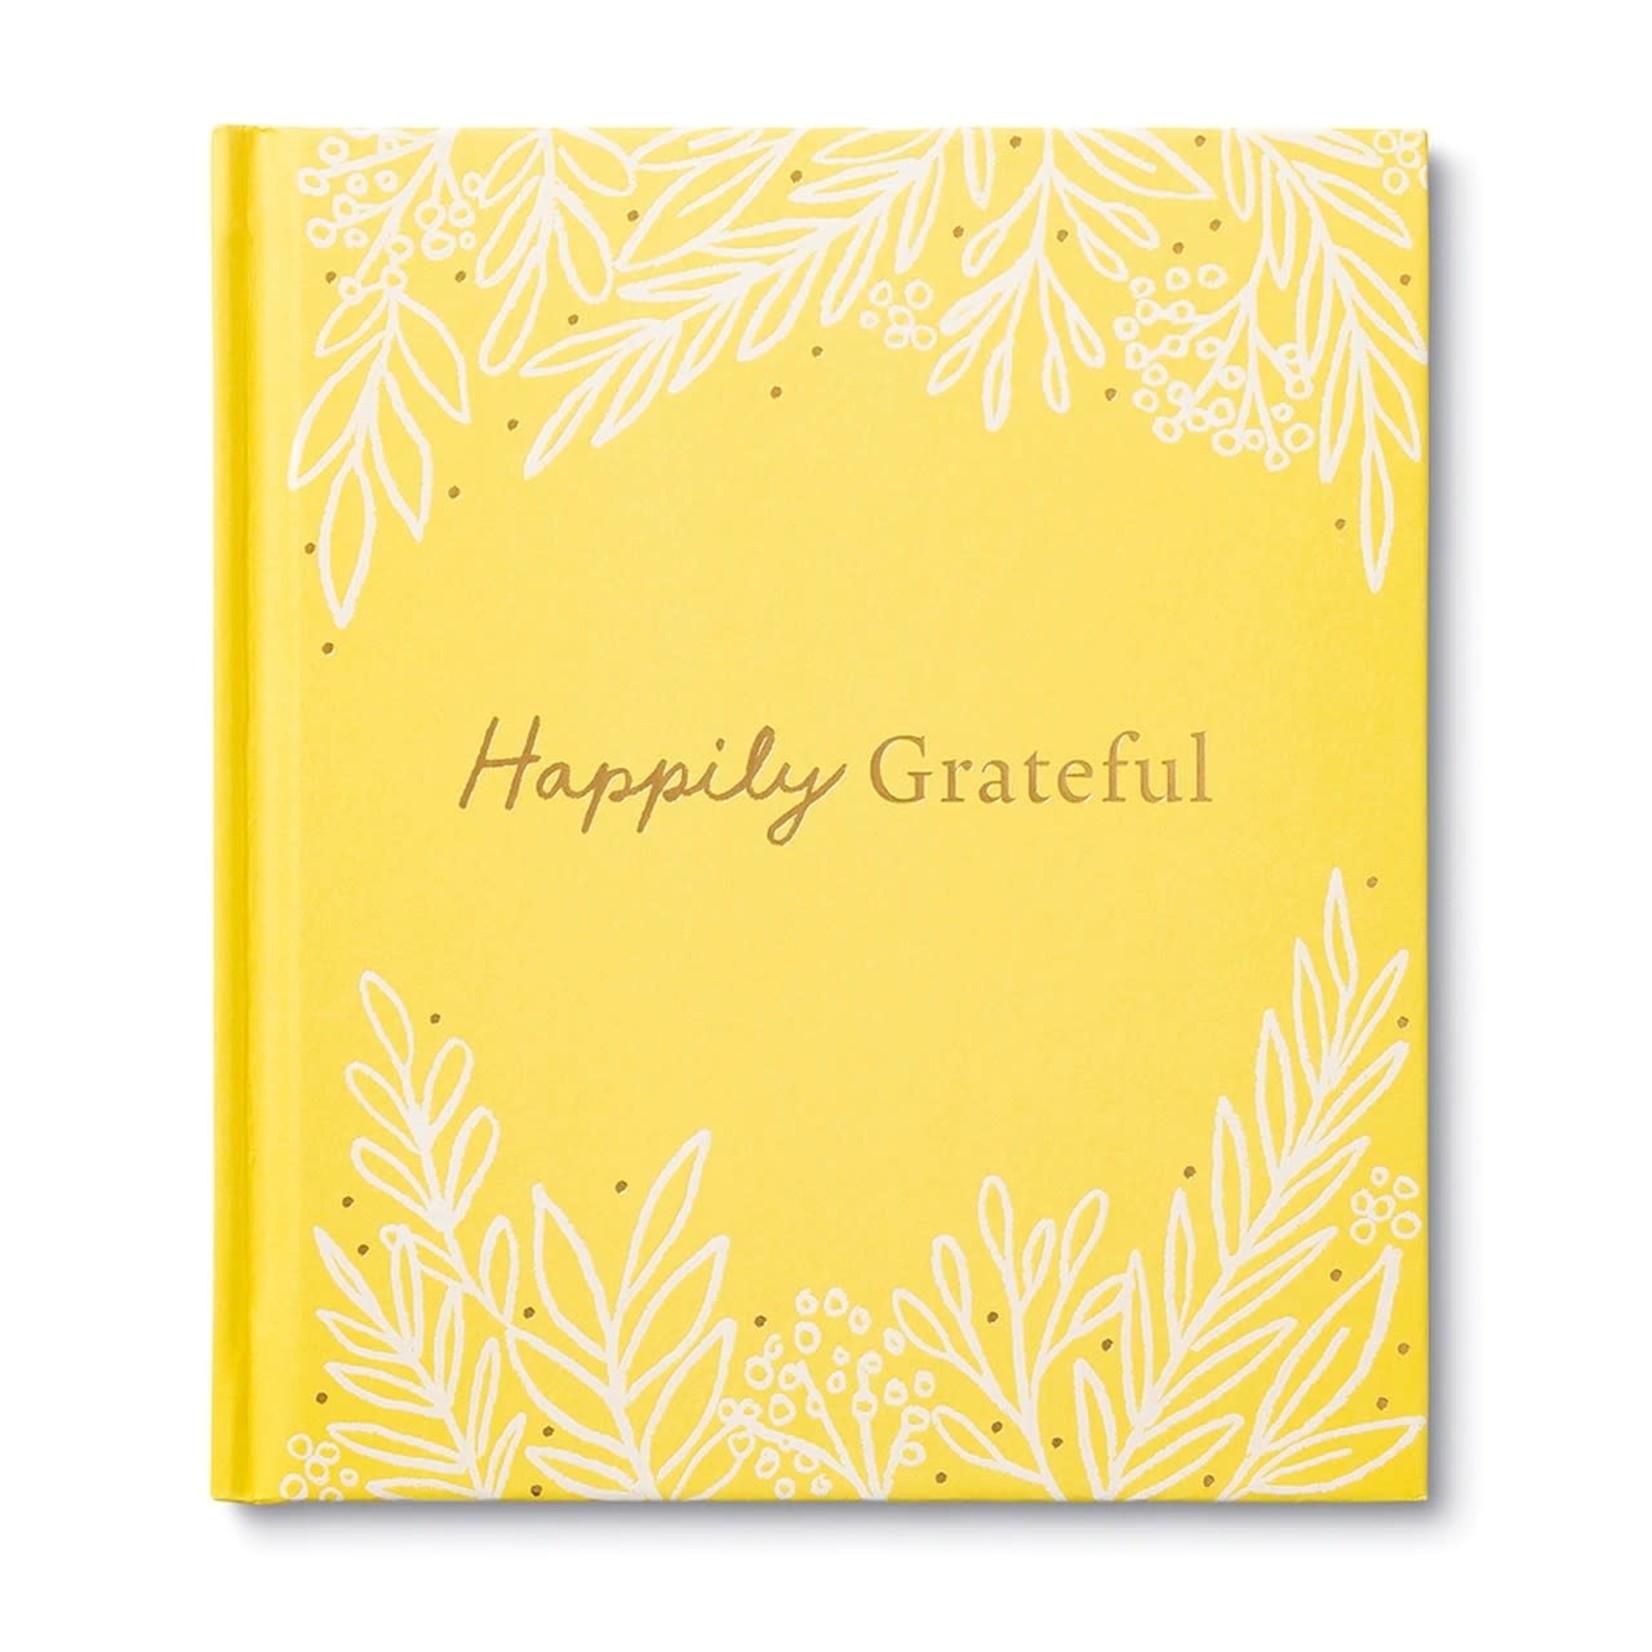 Compendium Book - Happily Grateful